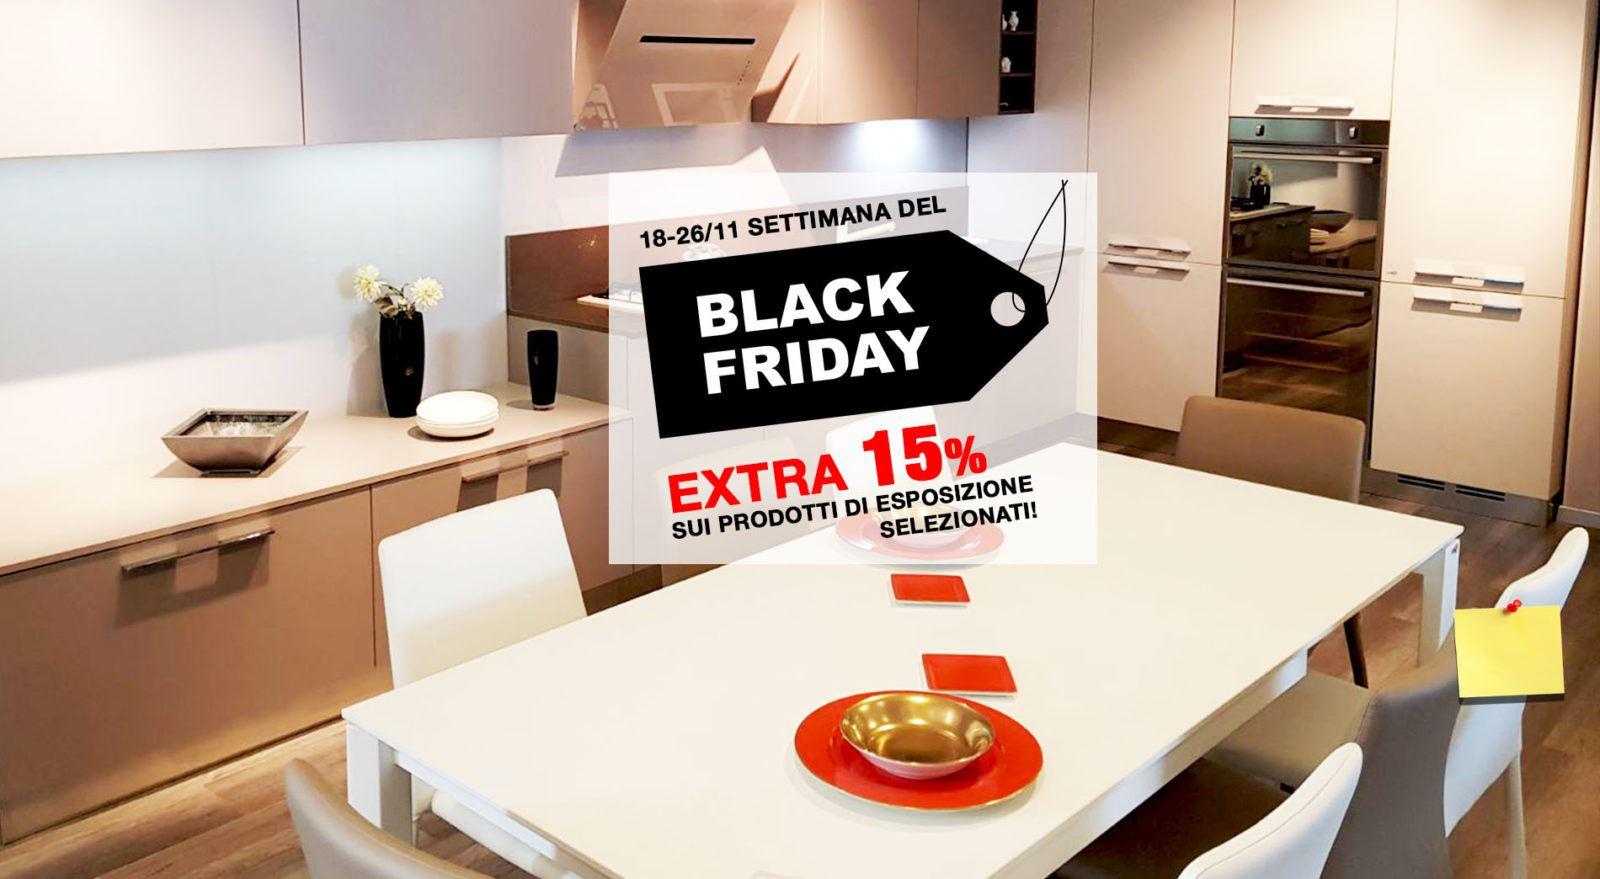 Black friday 2017 meneghello arredamenti meneghello for Black friday arredamento